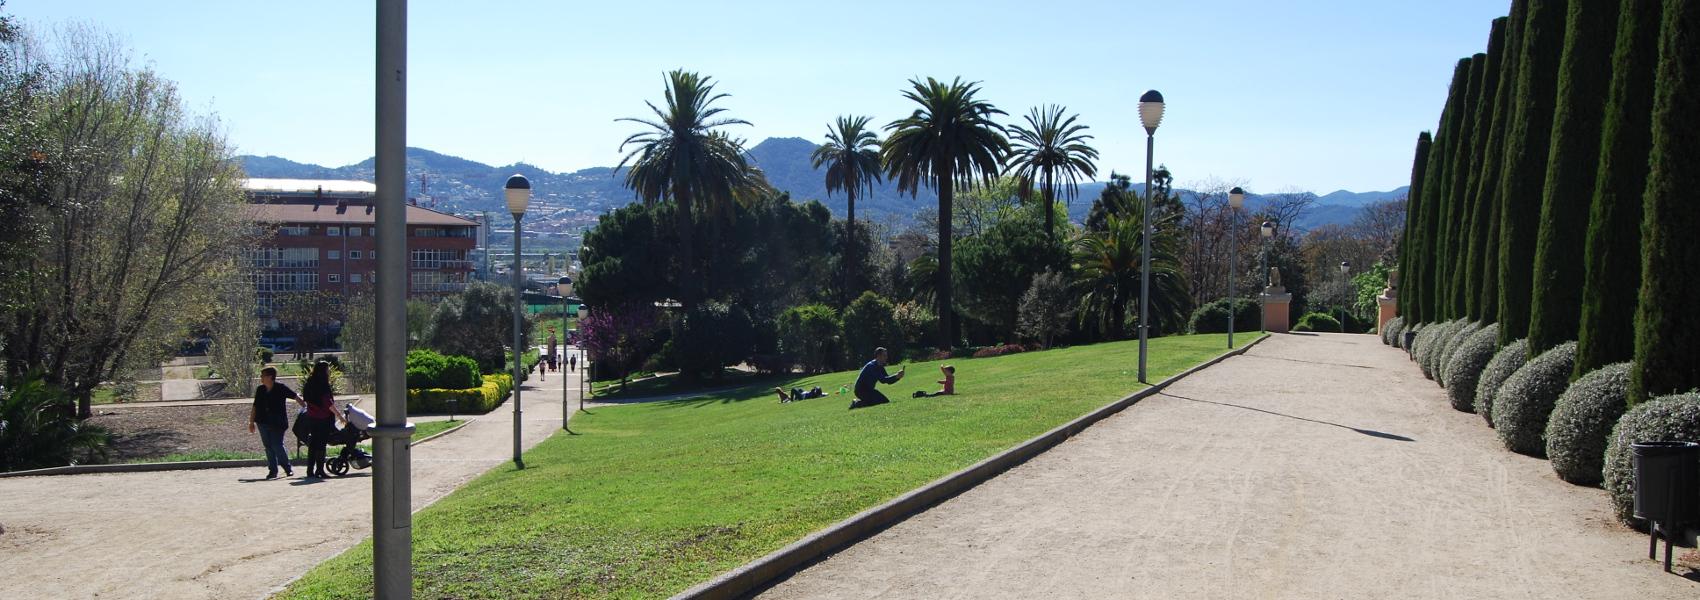 Sant Feliu Llobregat - Cerrajeros 24h Sant Feliu Llobregat, Cerrajero Sant Feliu Llobregat